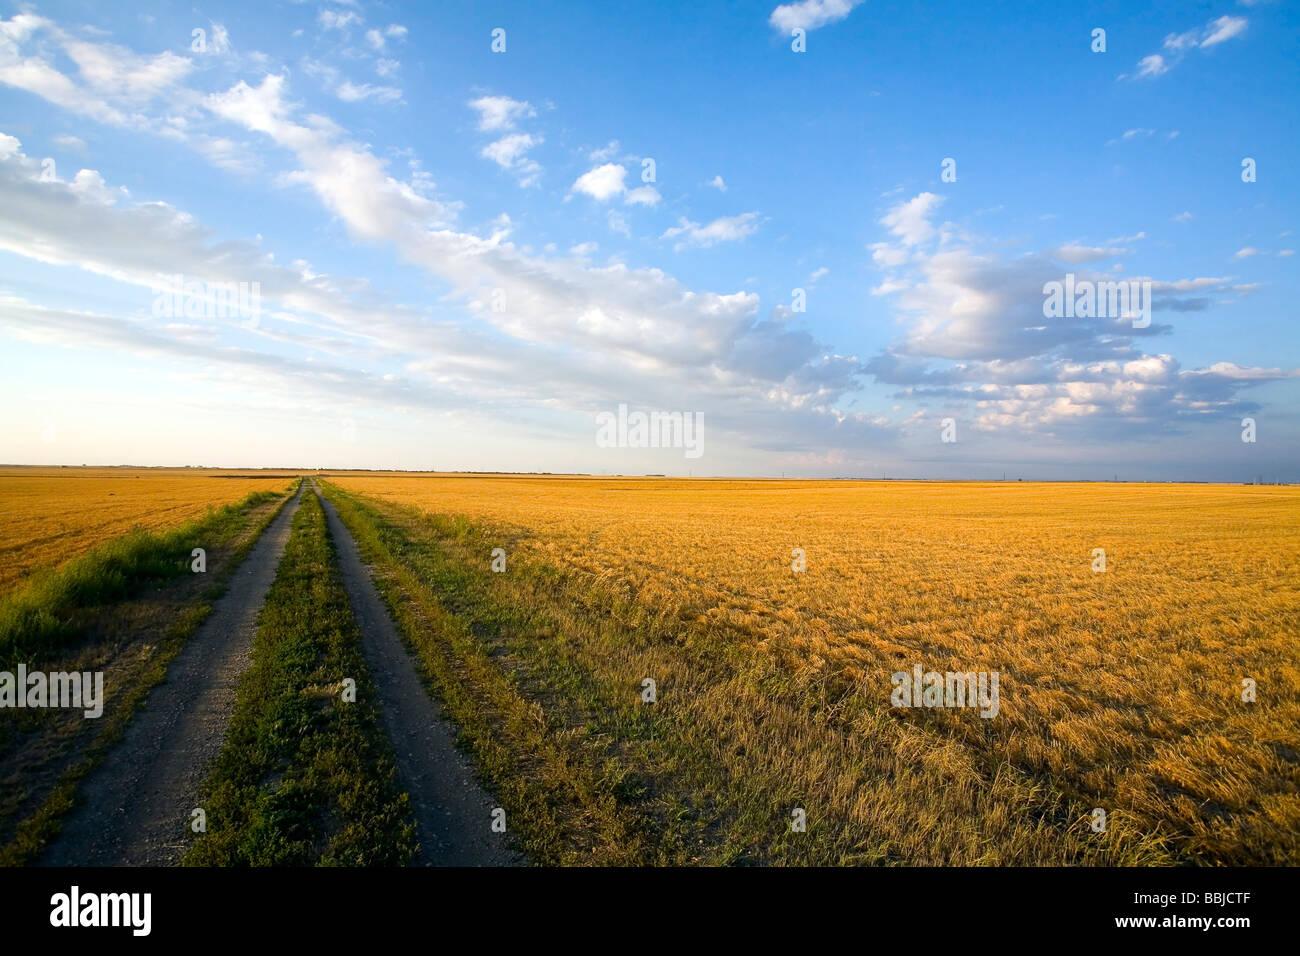 Trail in stubble field, Saskatchewan - Stock Image